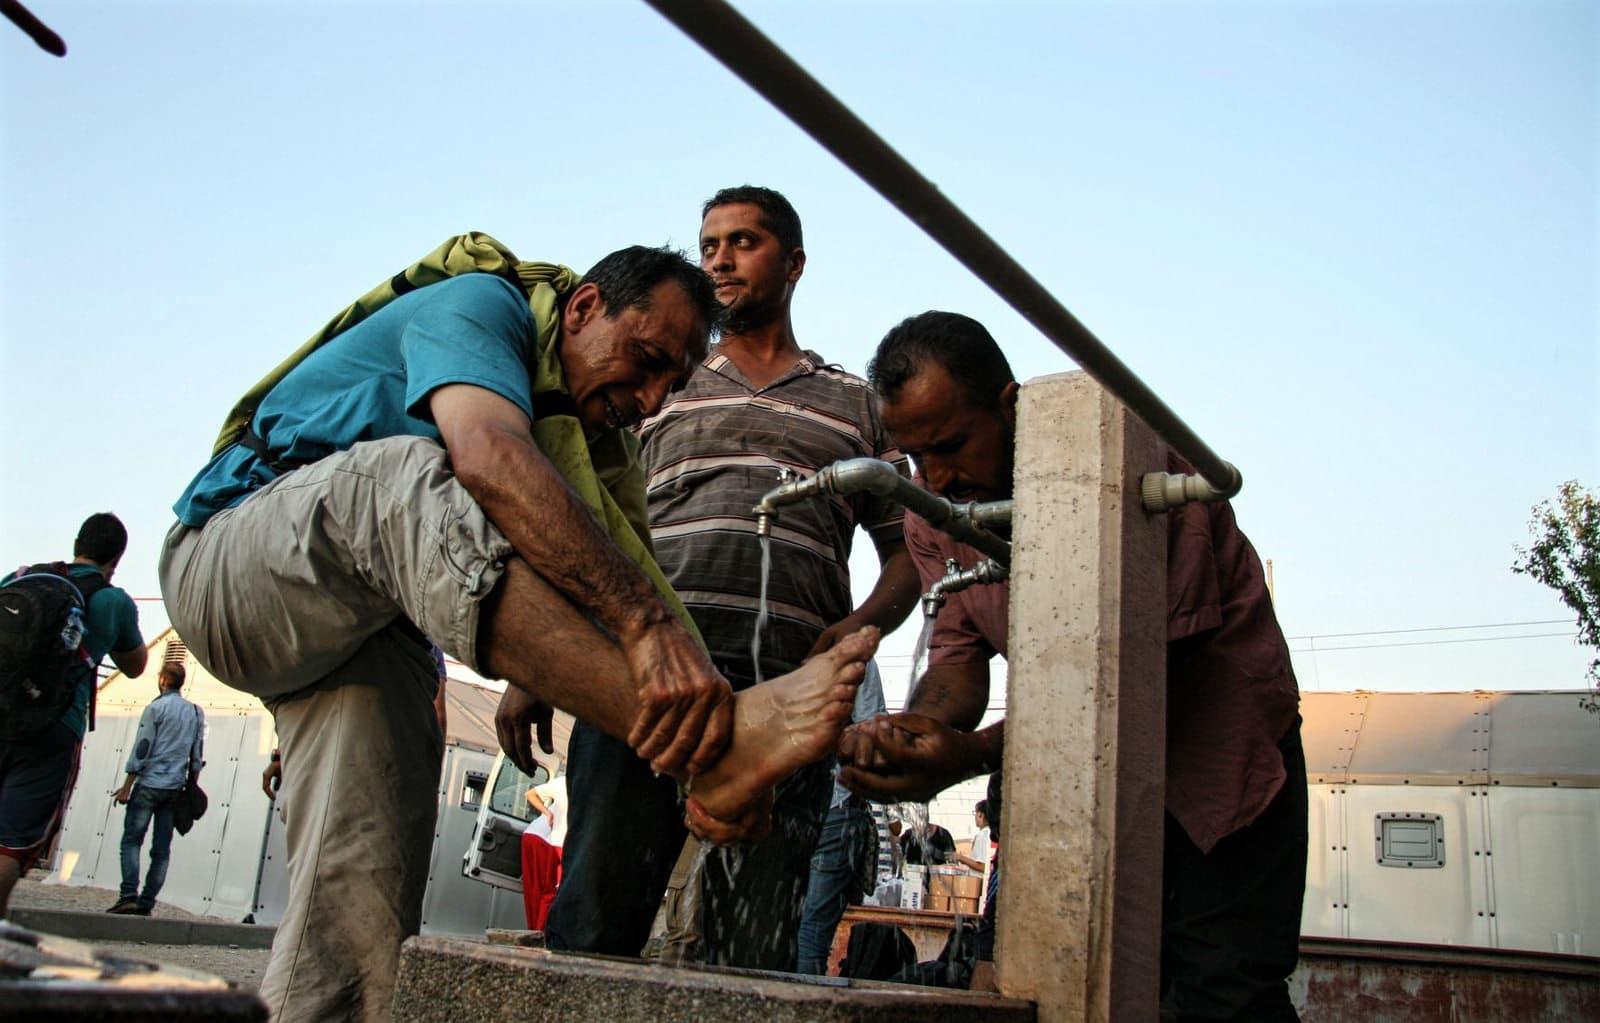 Macedonia, 3 settembre 2015. Migranti si lavano i piedi prima di attraversare il confine con la Serbia. Foto di IFRC su Flickr, licenza CC.